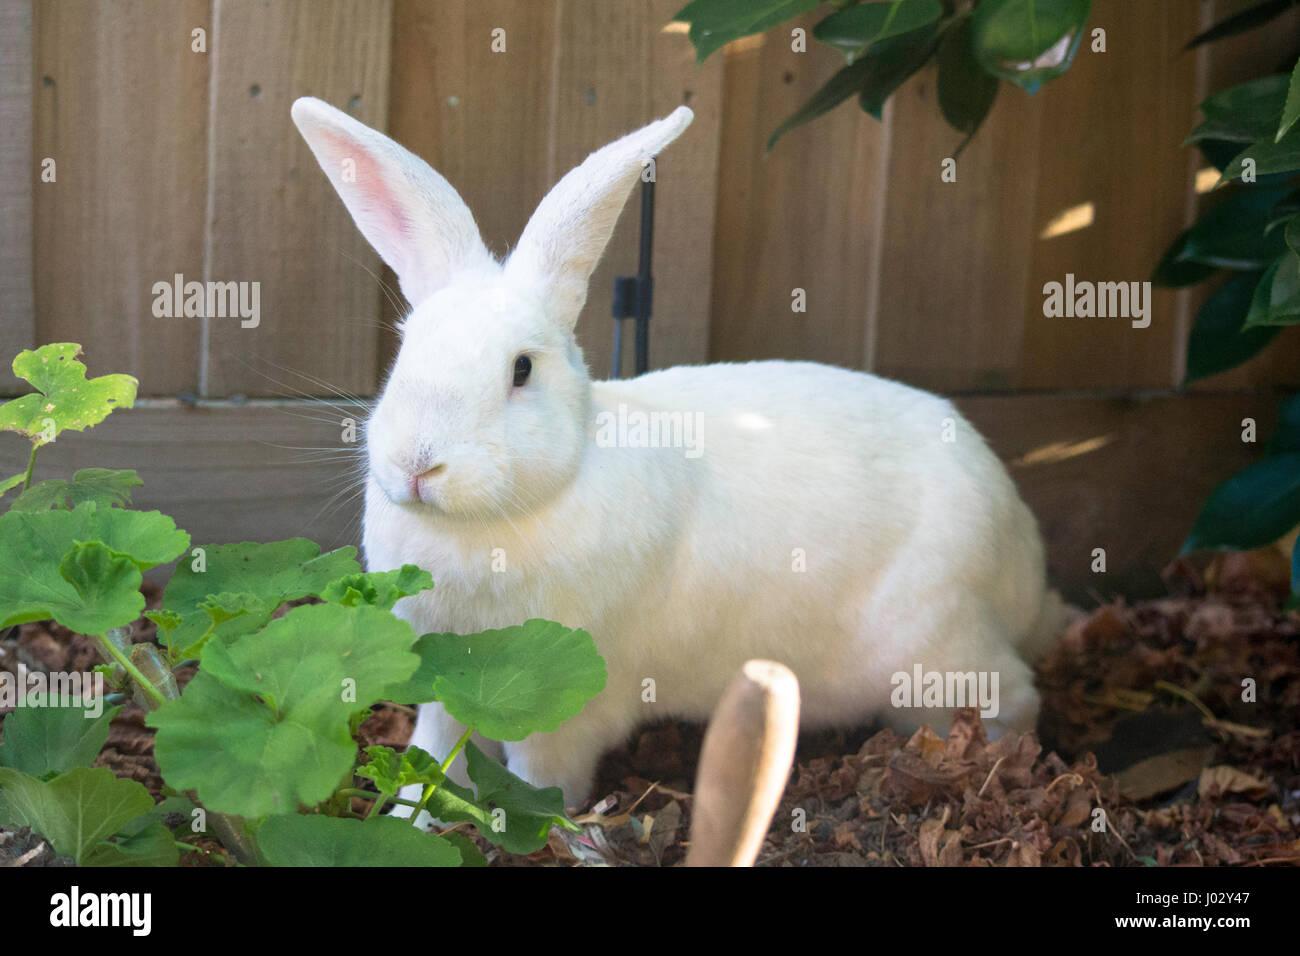 Kaninchen Im Garten Stockfoto Bild 137748135 Alamy